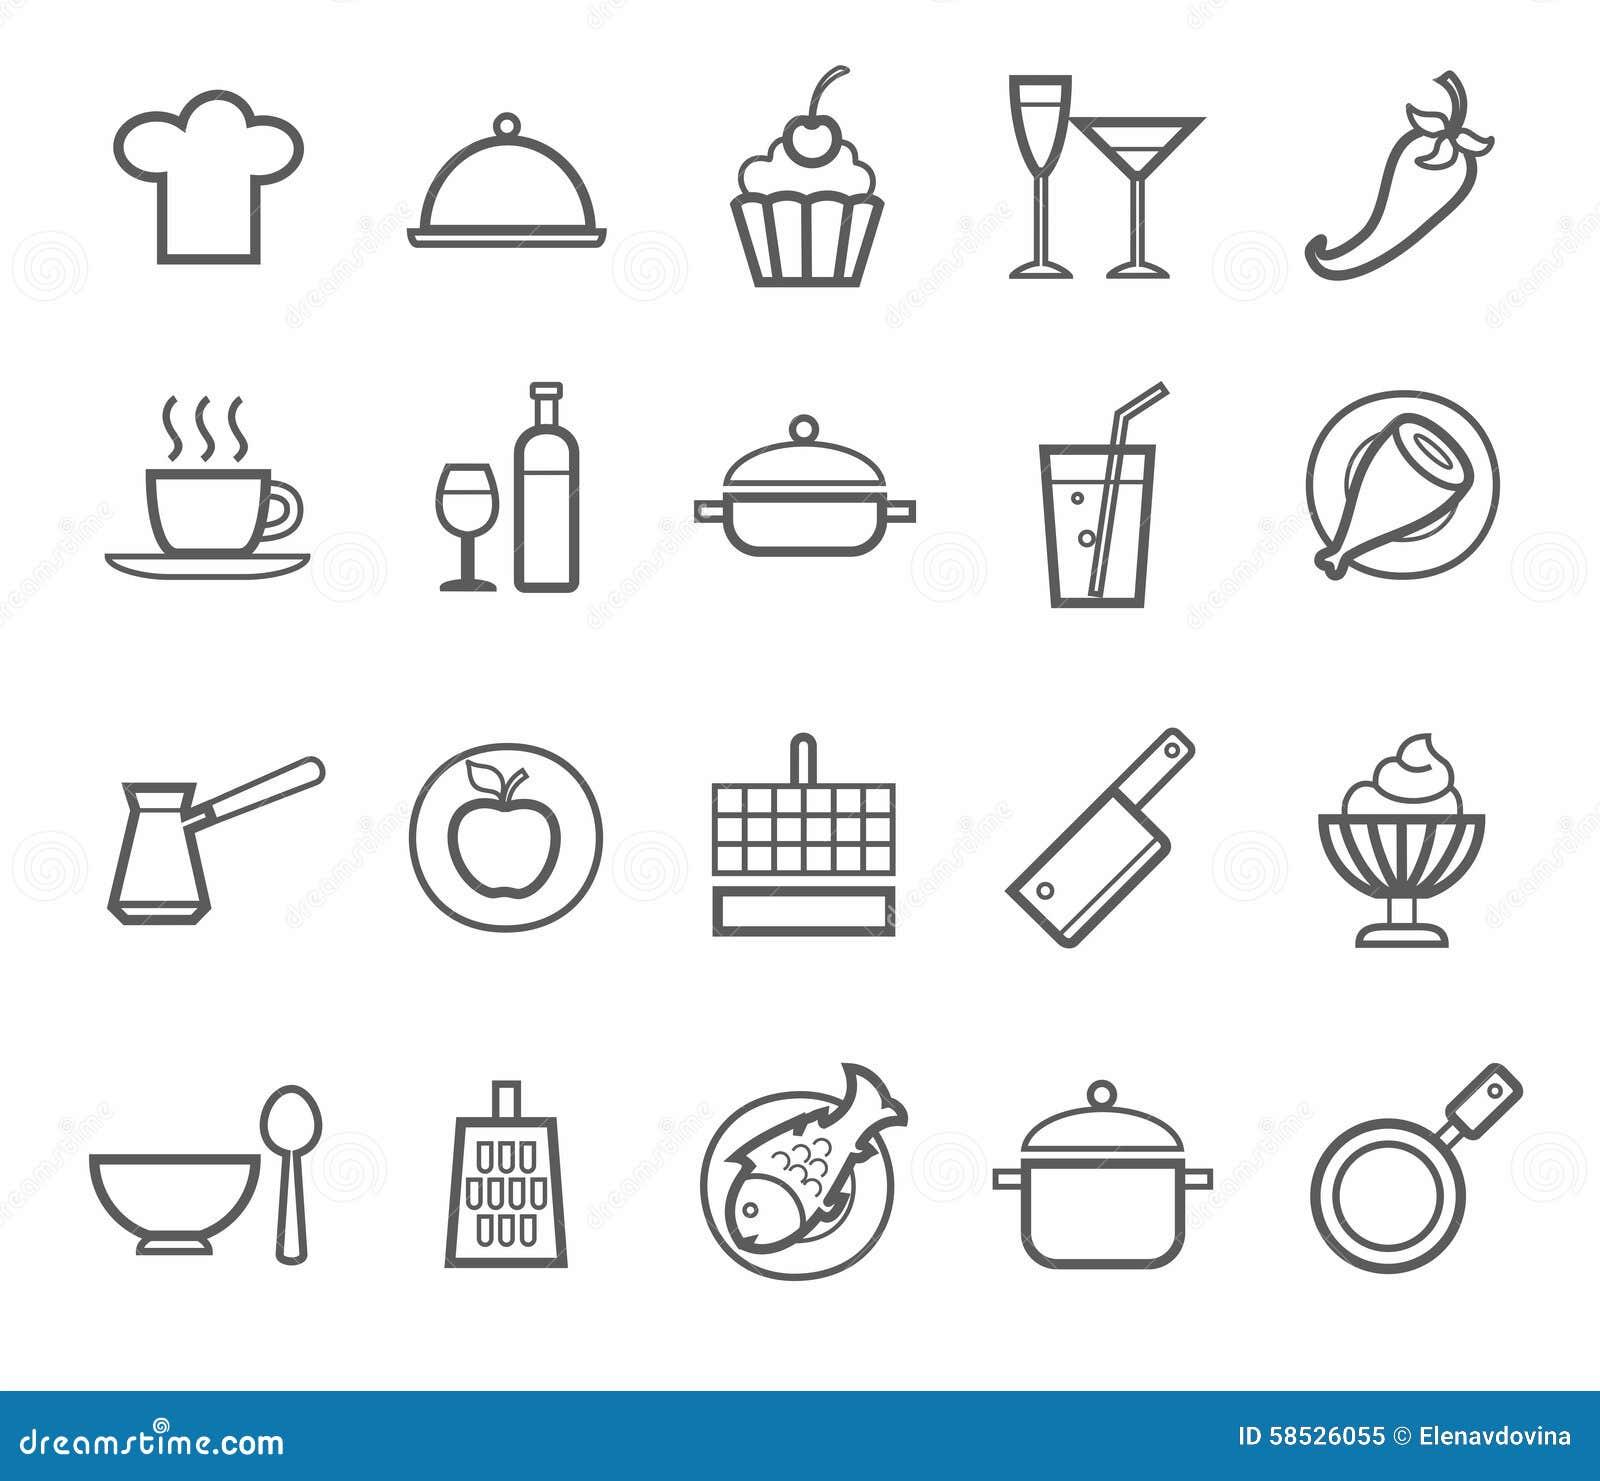 Signes ic nes cuisine restaurant caf nourriture for Ustensiles pour restaurant